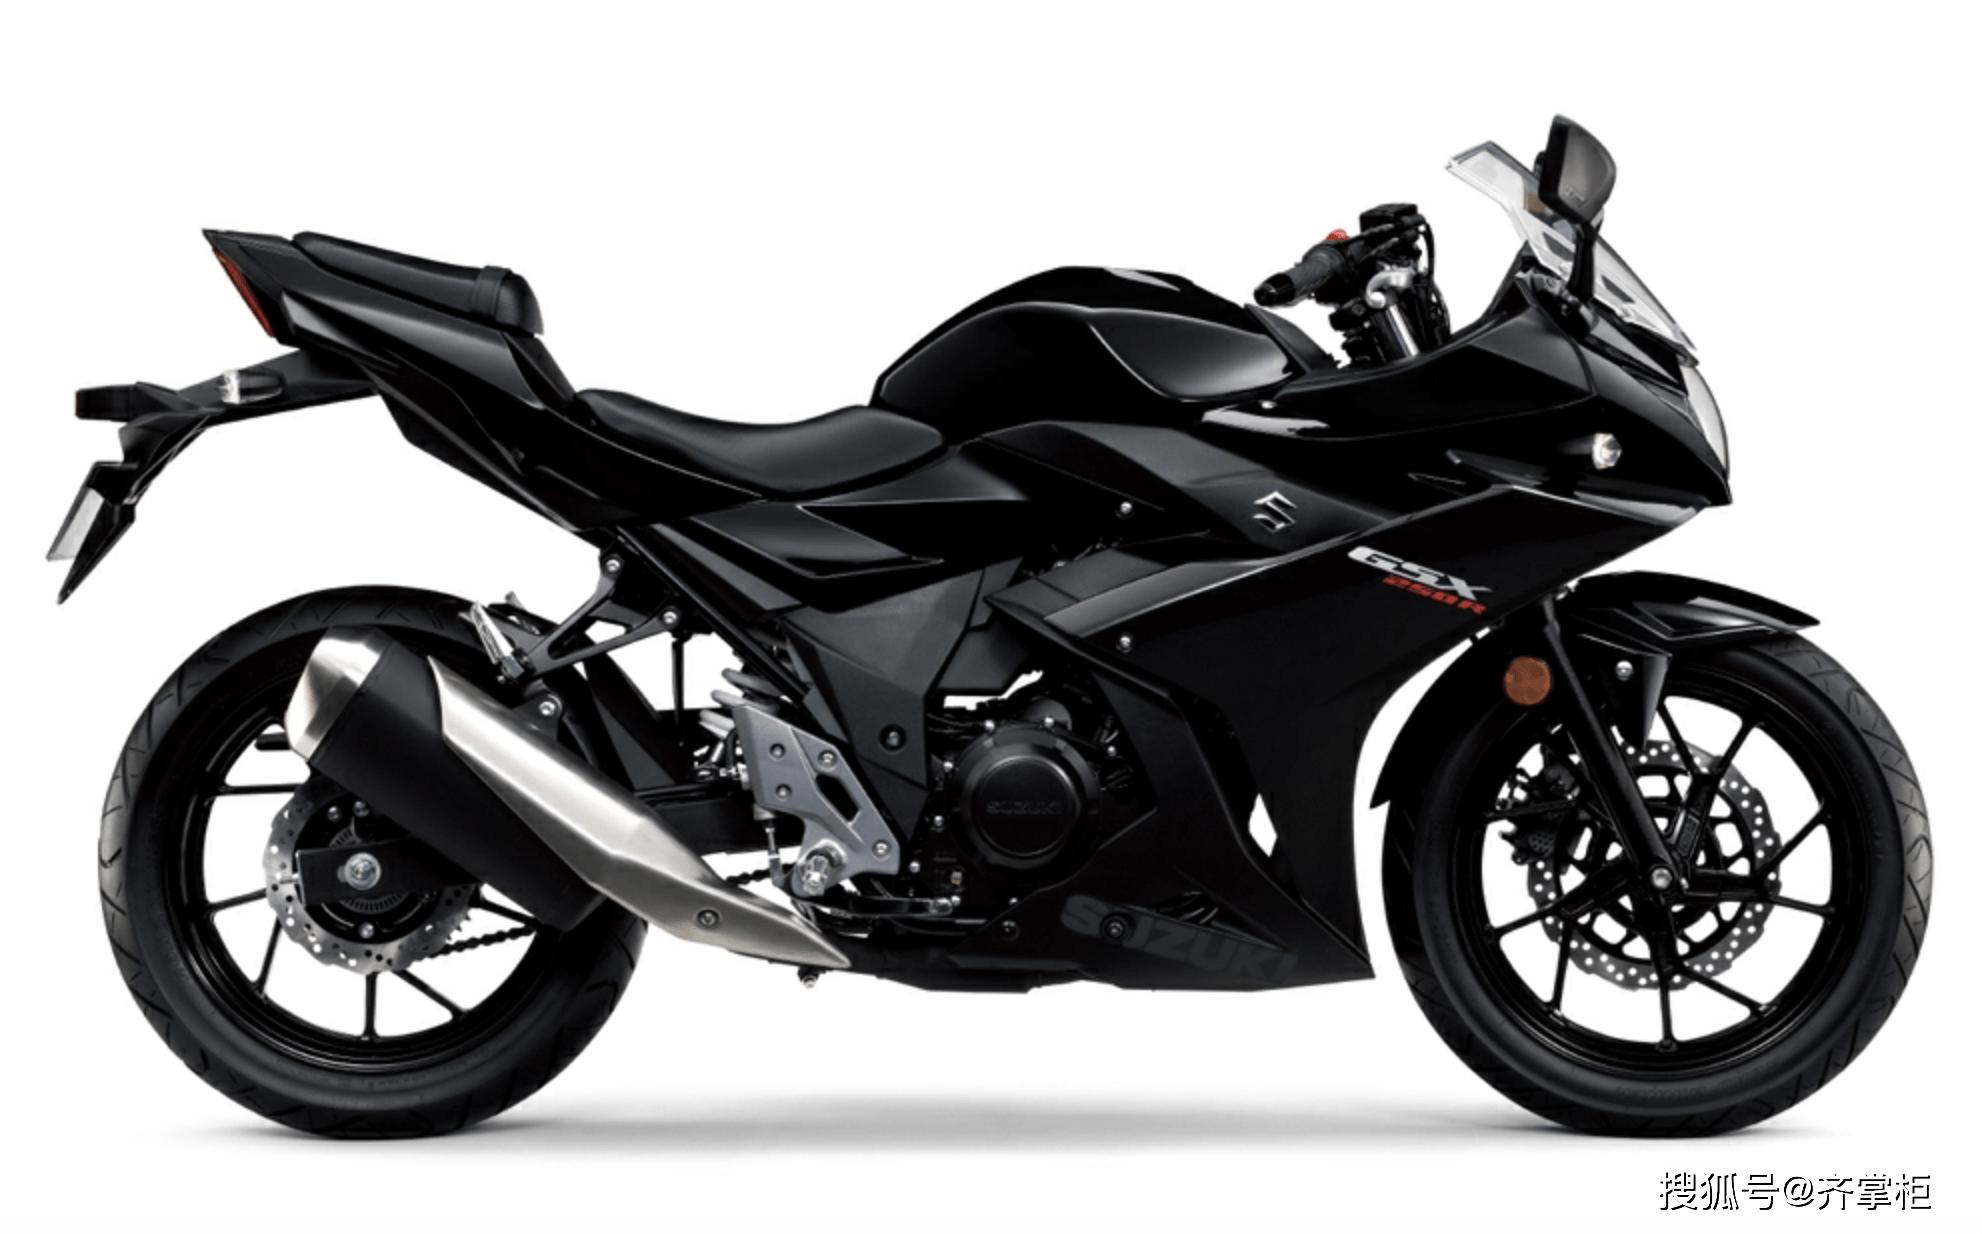 2021年摩托车年检新规定!